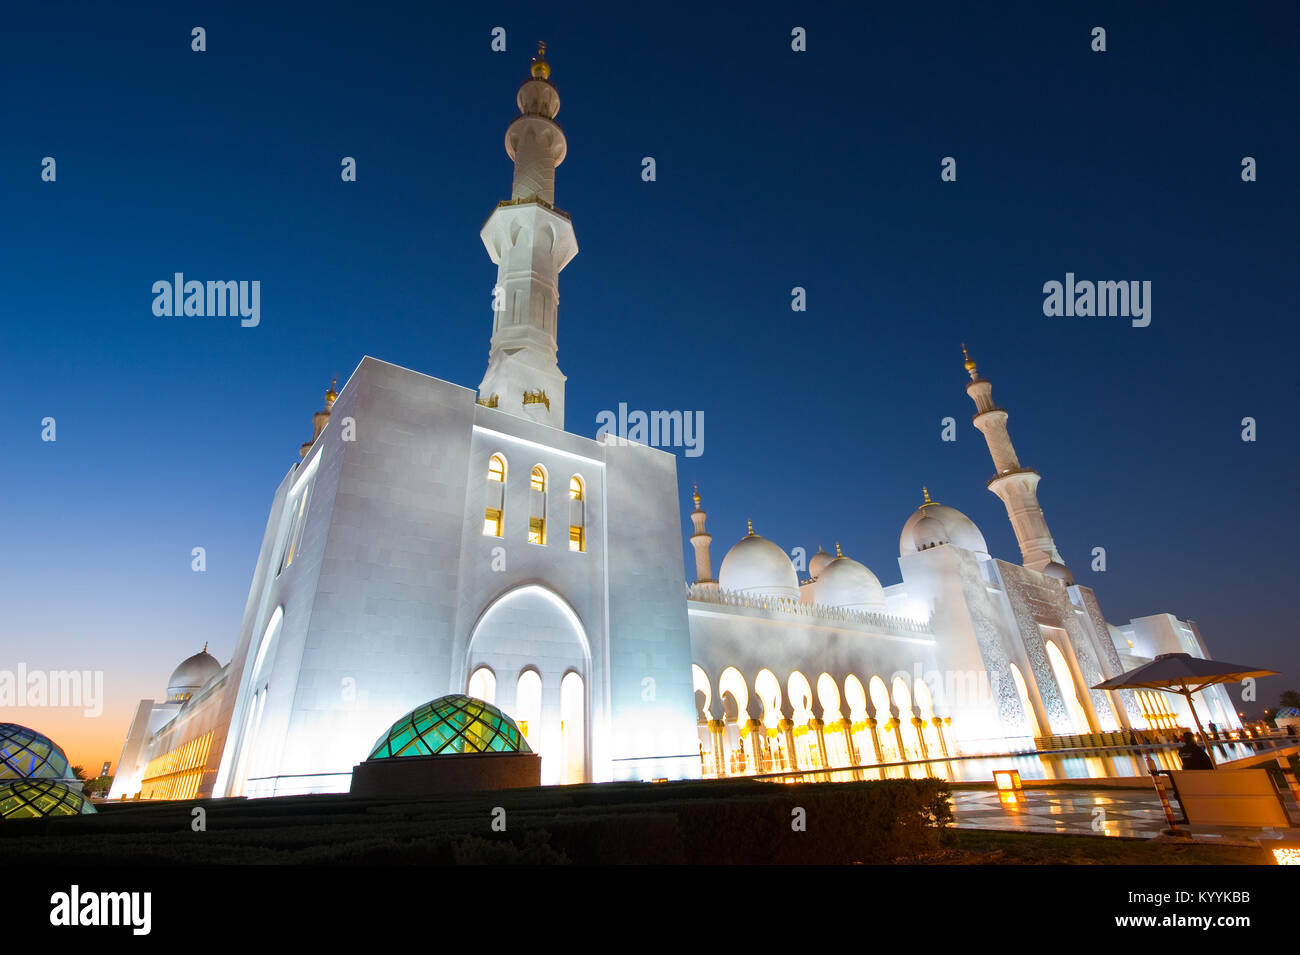 ABU DHABI, Emirati Arabi Uniti - 31 DIC 2017: Esterno della Moschea Sheikh Zayed di Abu Dhabi nel crepuscolo. Si Immagini Stock